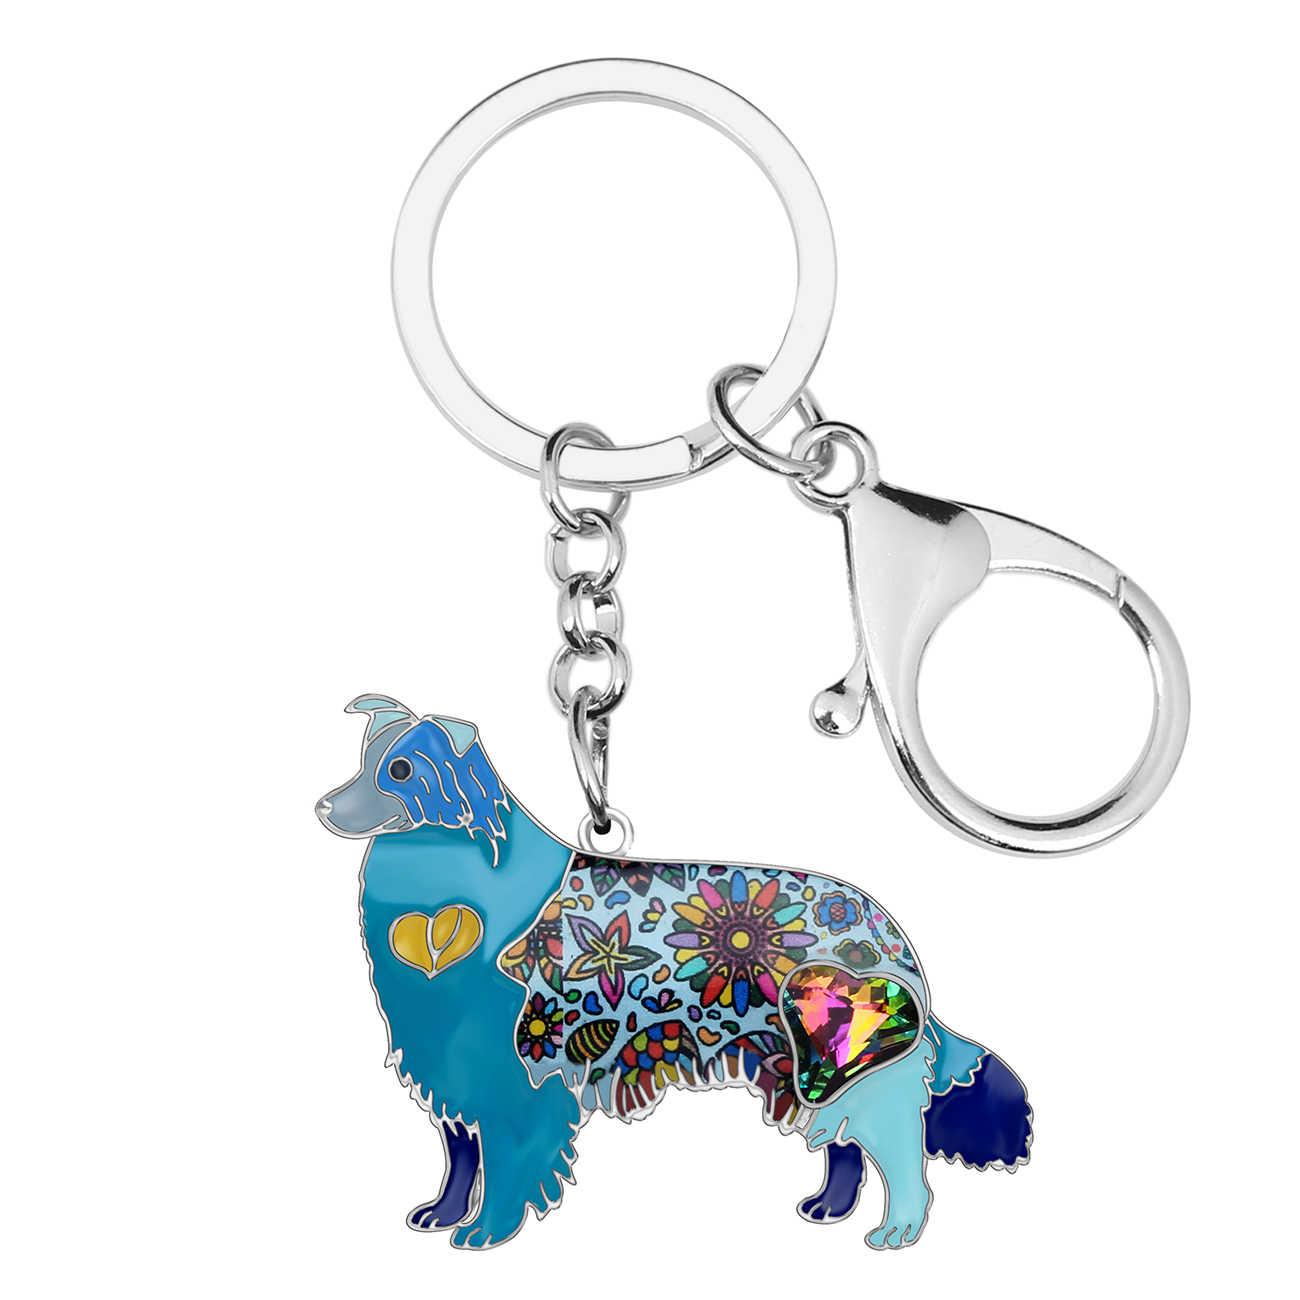 Weveni esmalte liga strass fronteira collie cão chaveiro chaveiro titular moda animal jóias para feminino menina saco encantos presente